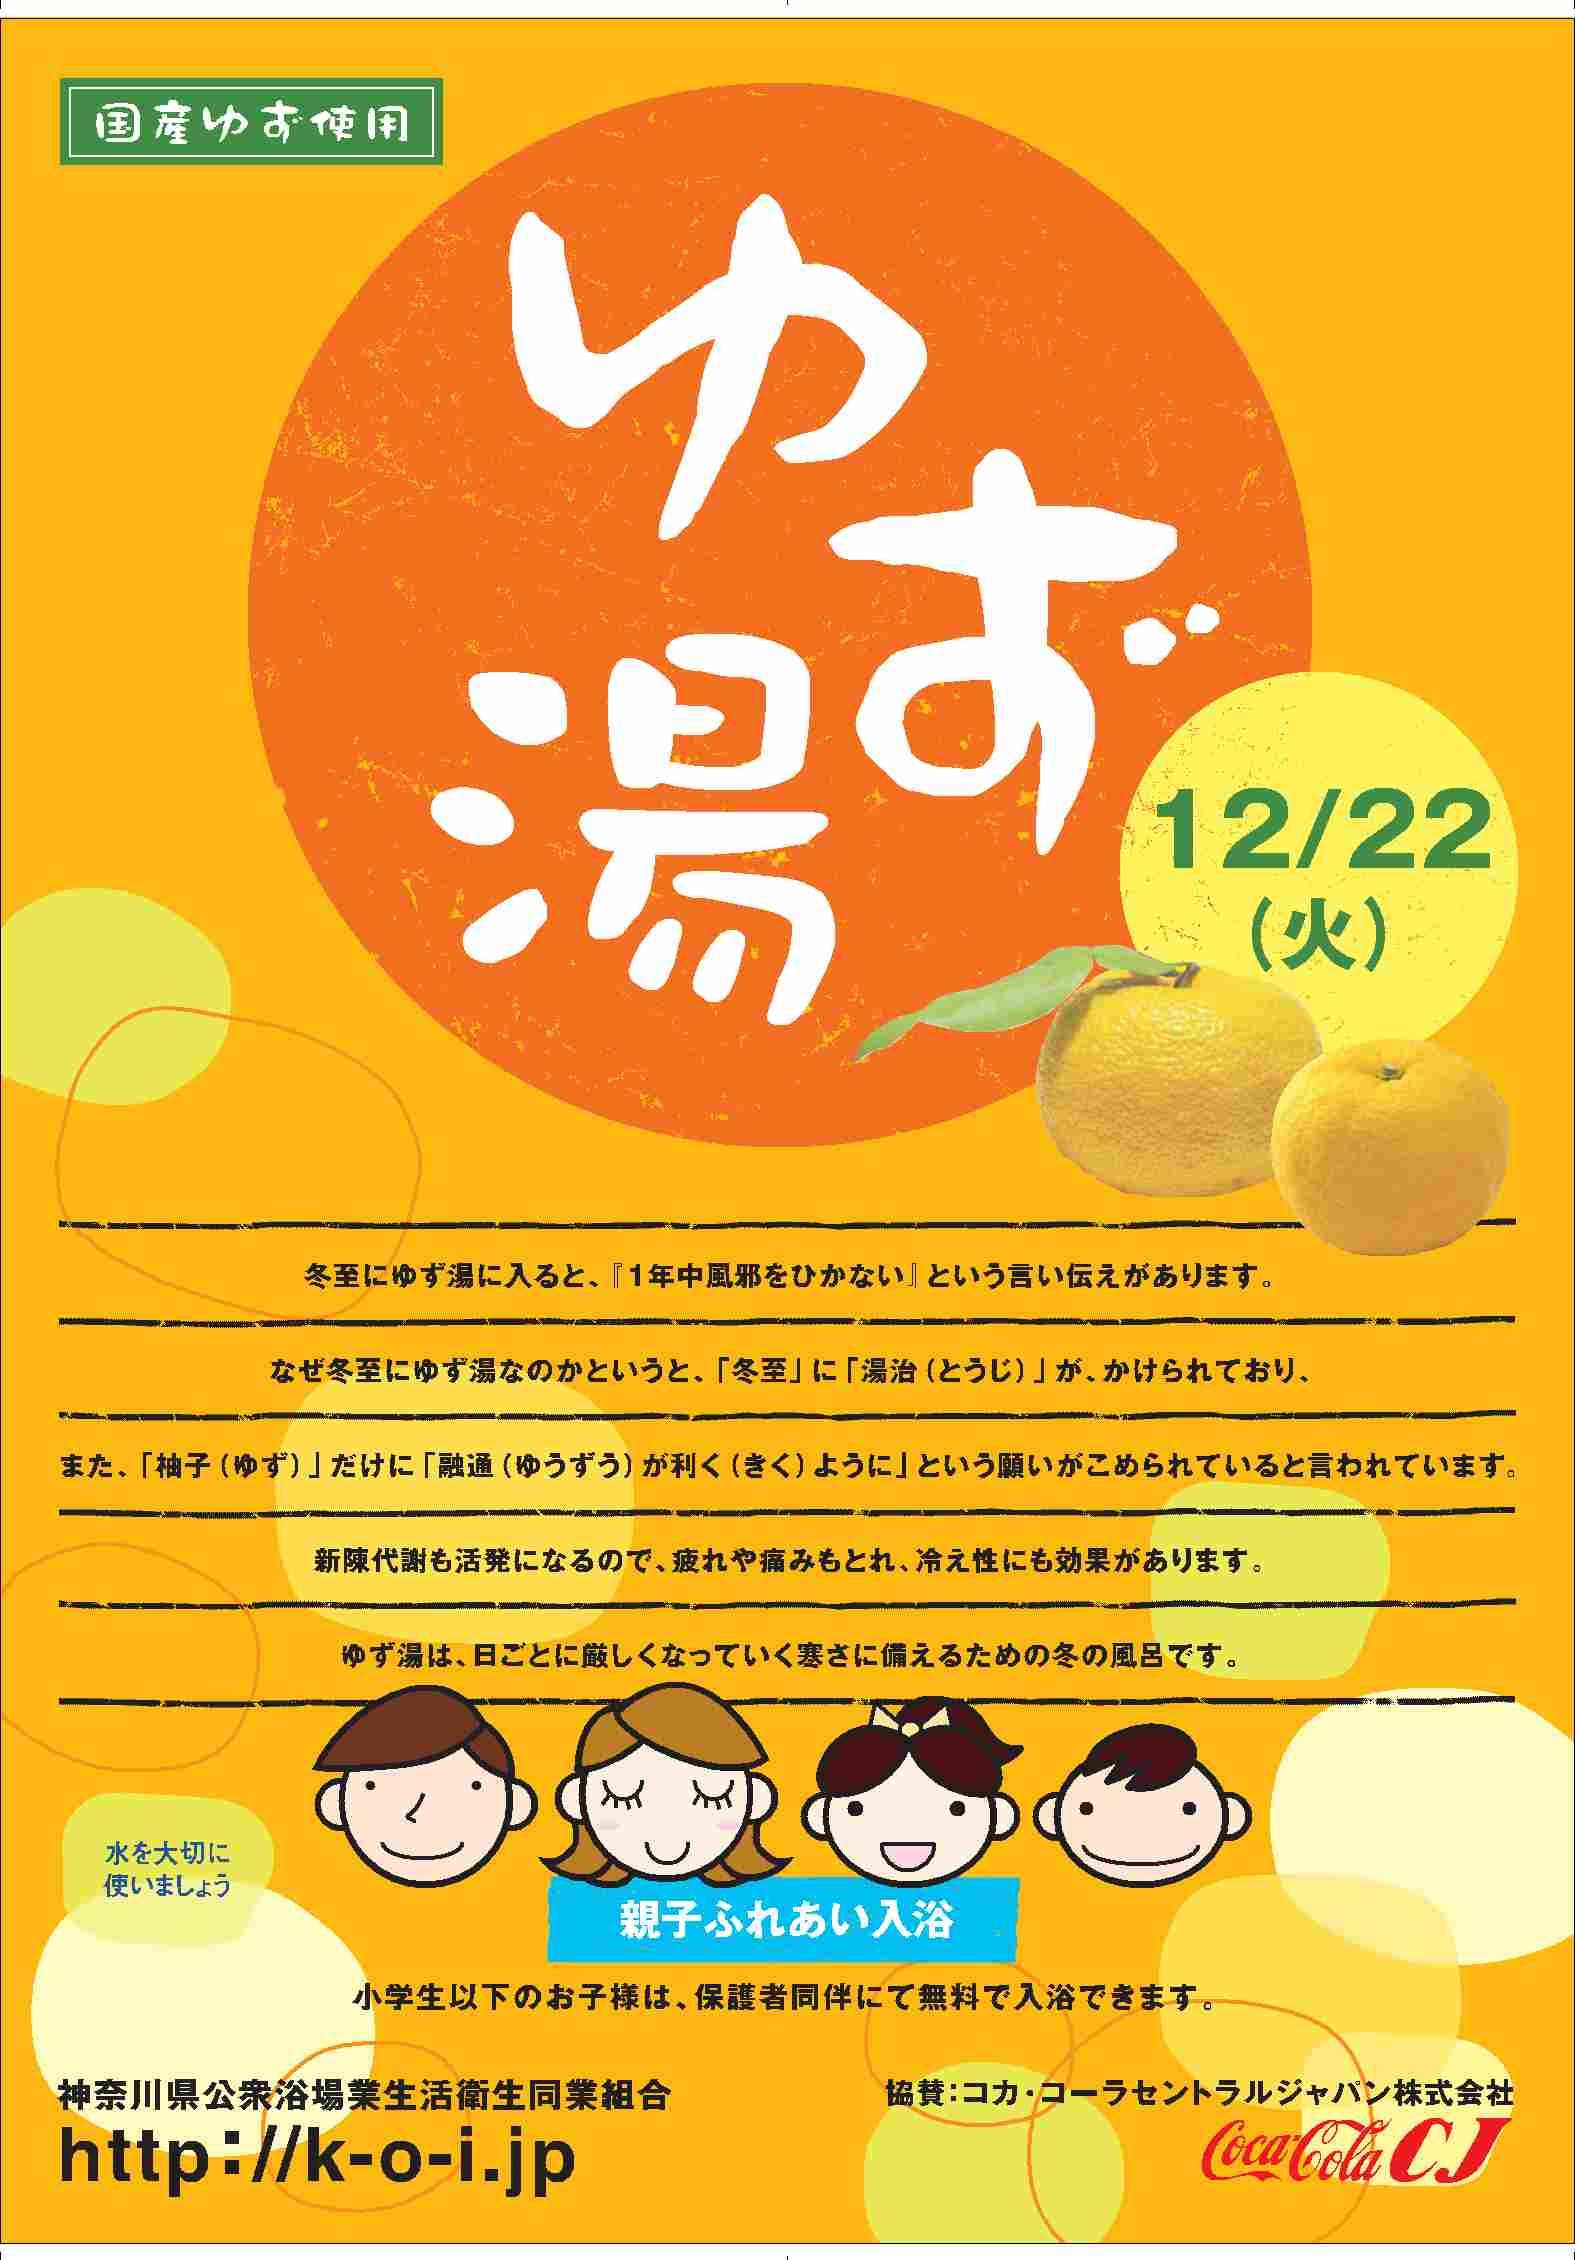 http://k-o-i.jp/entry-image/yuzuyu.jpg